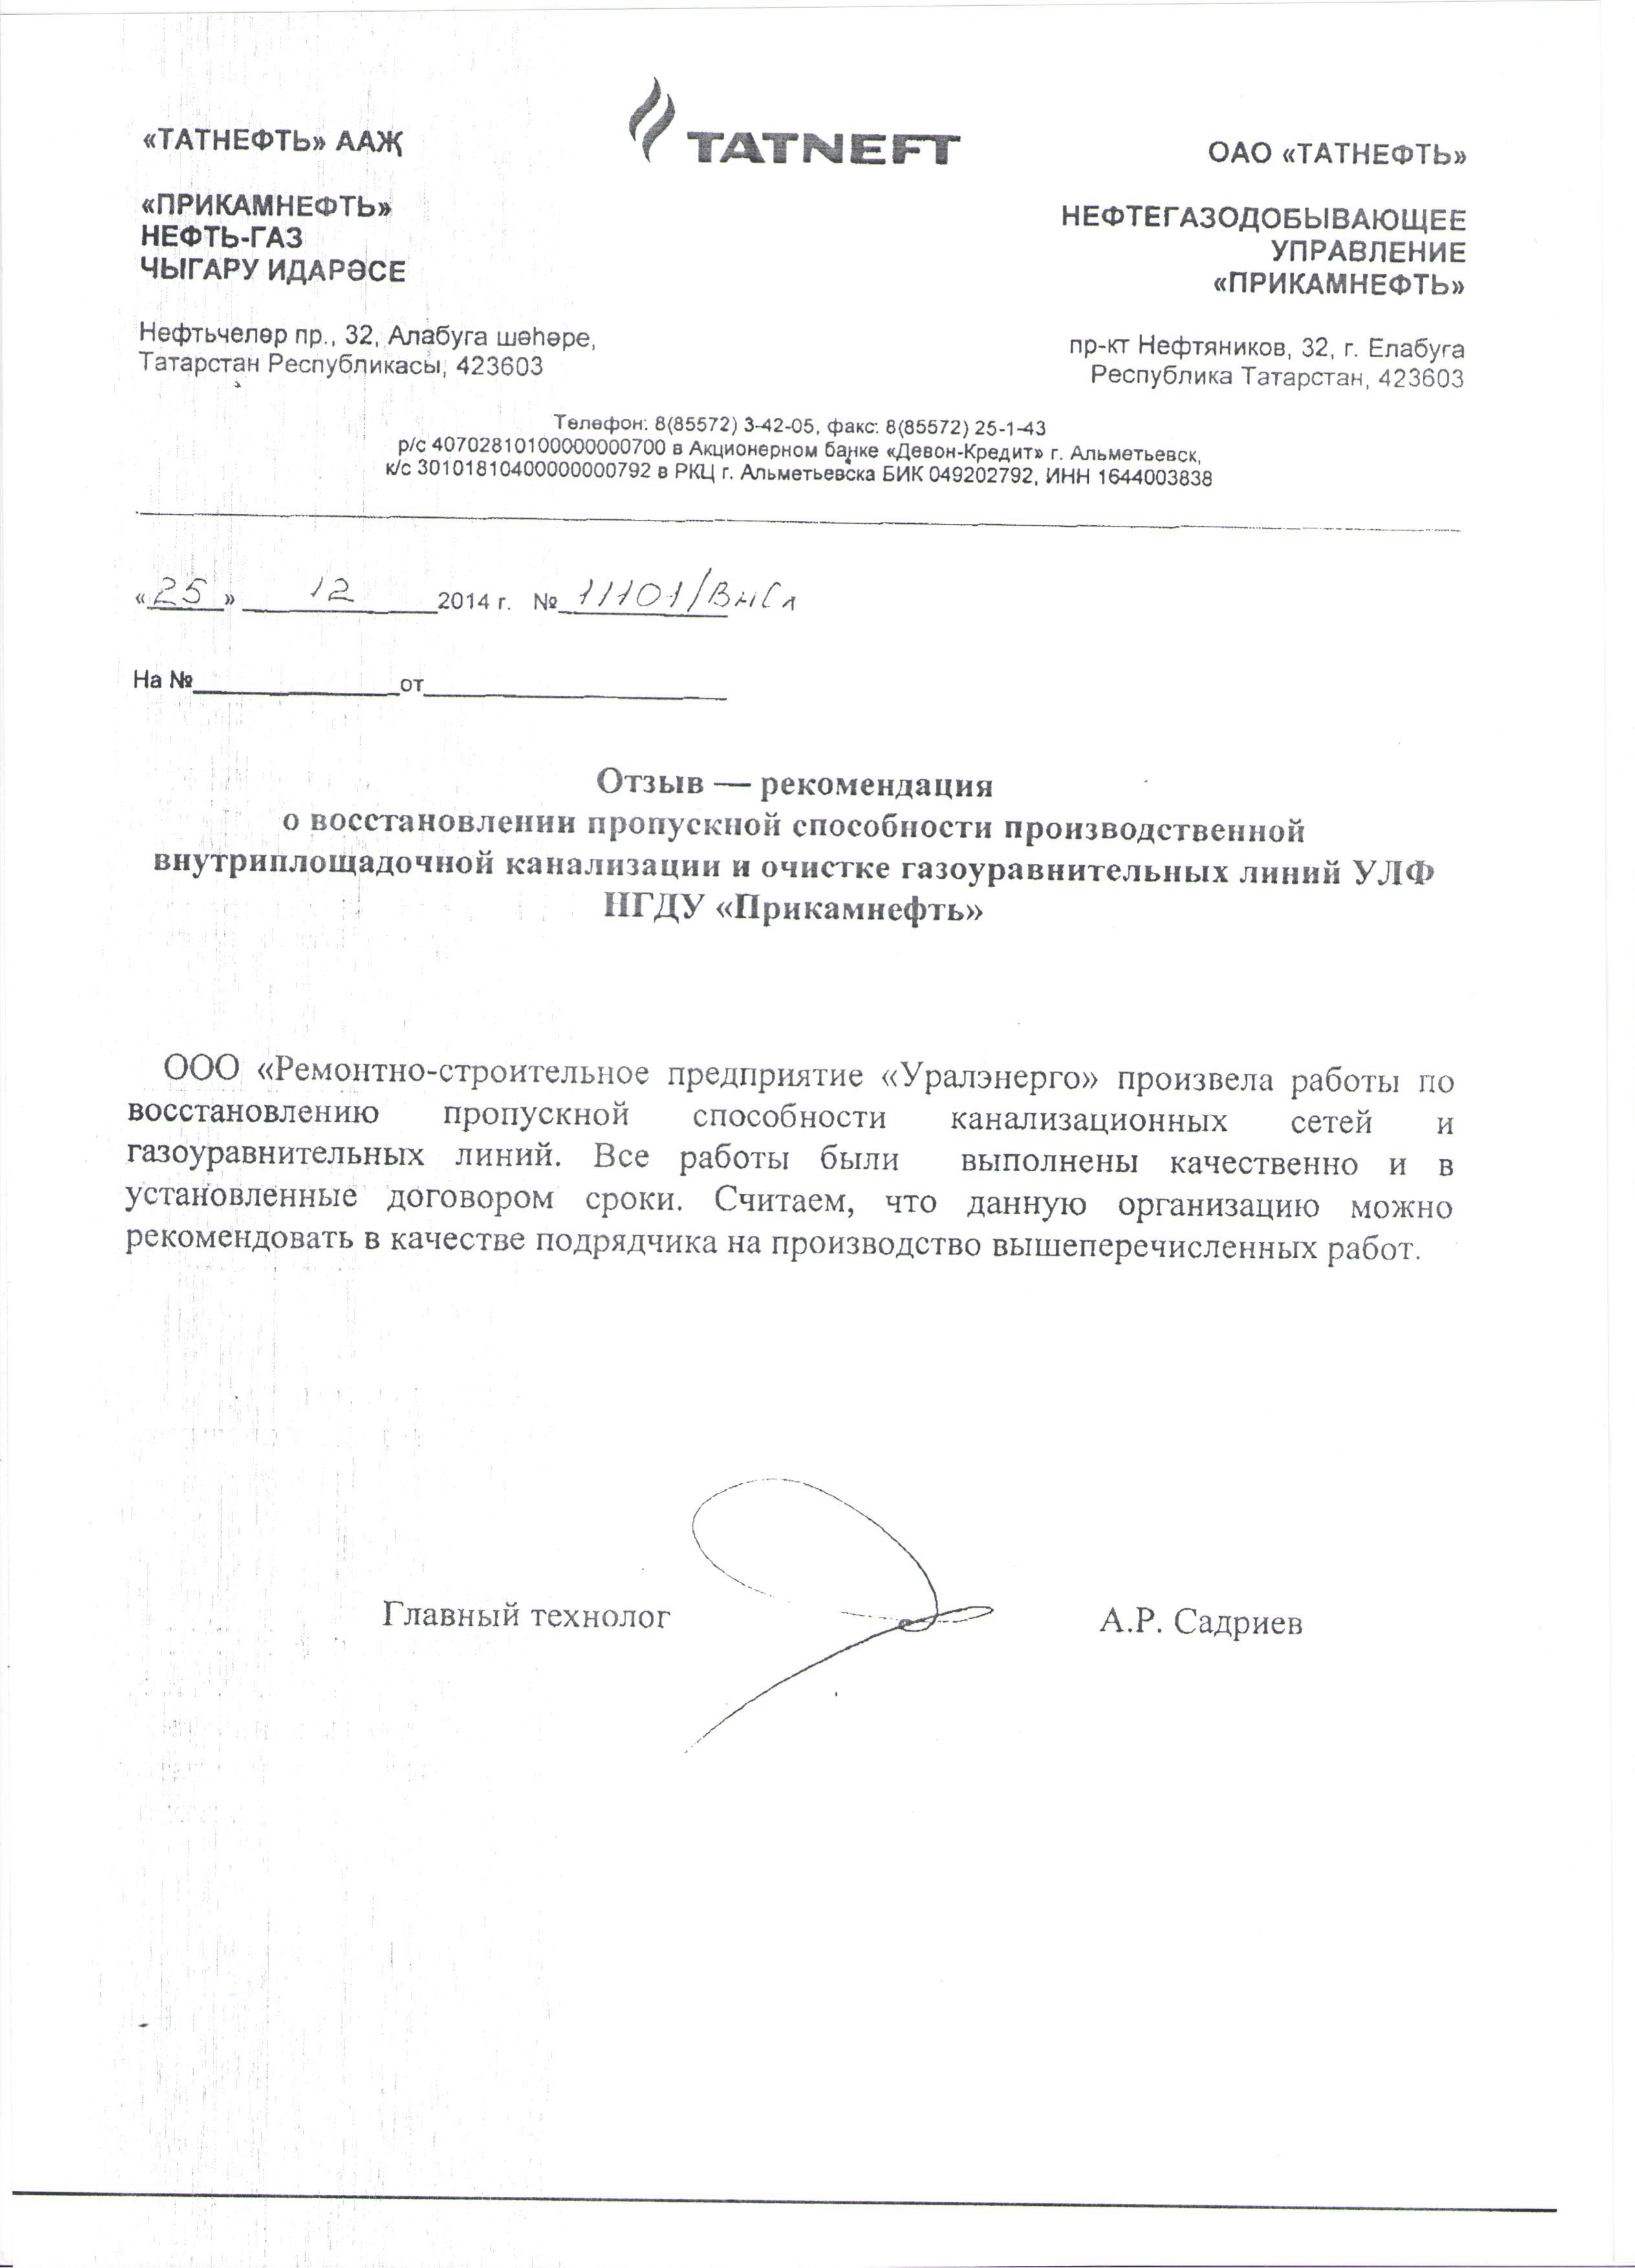 РСП Уралэнерго 4